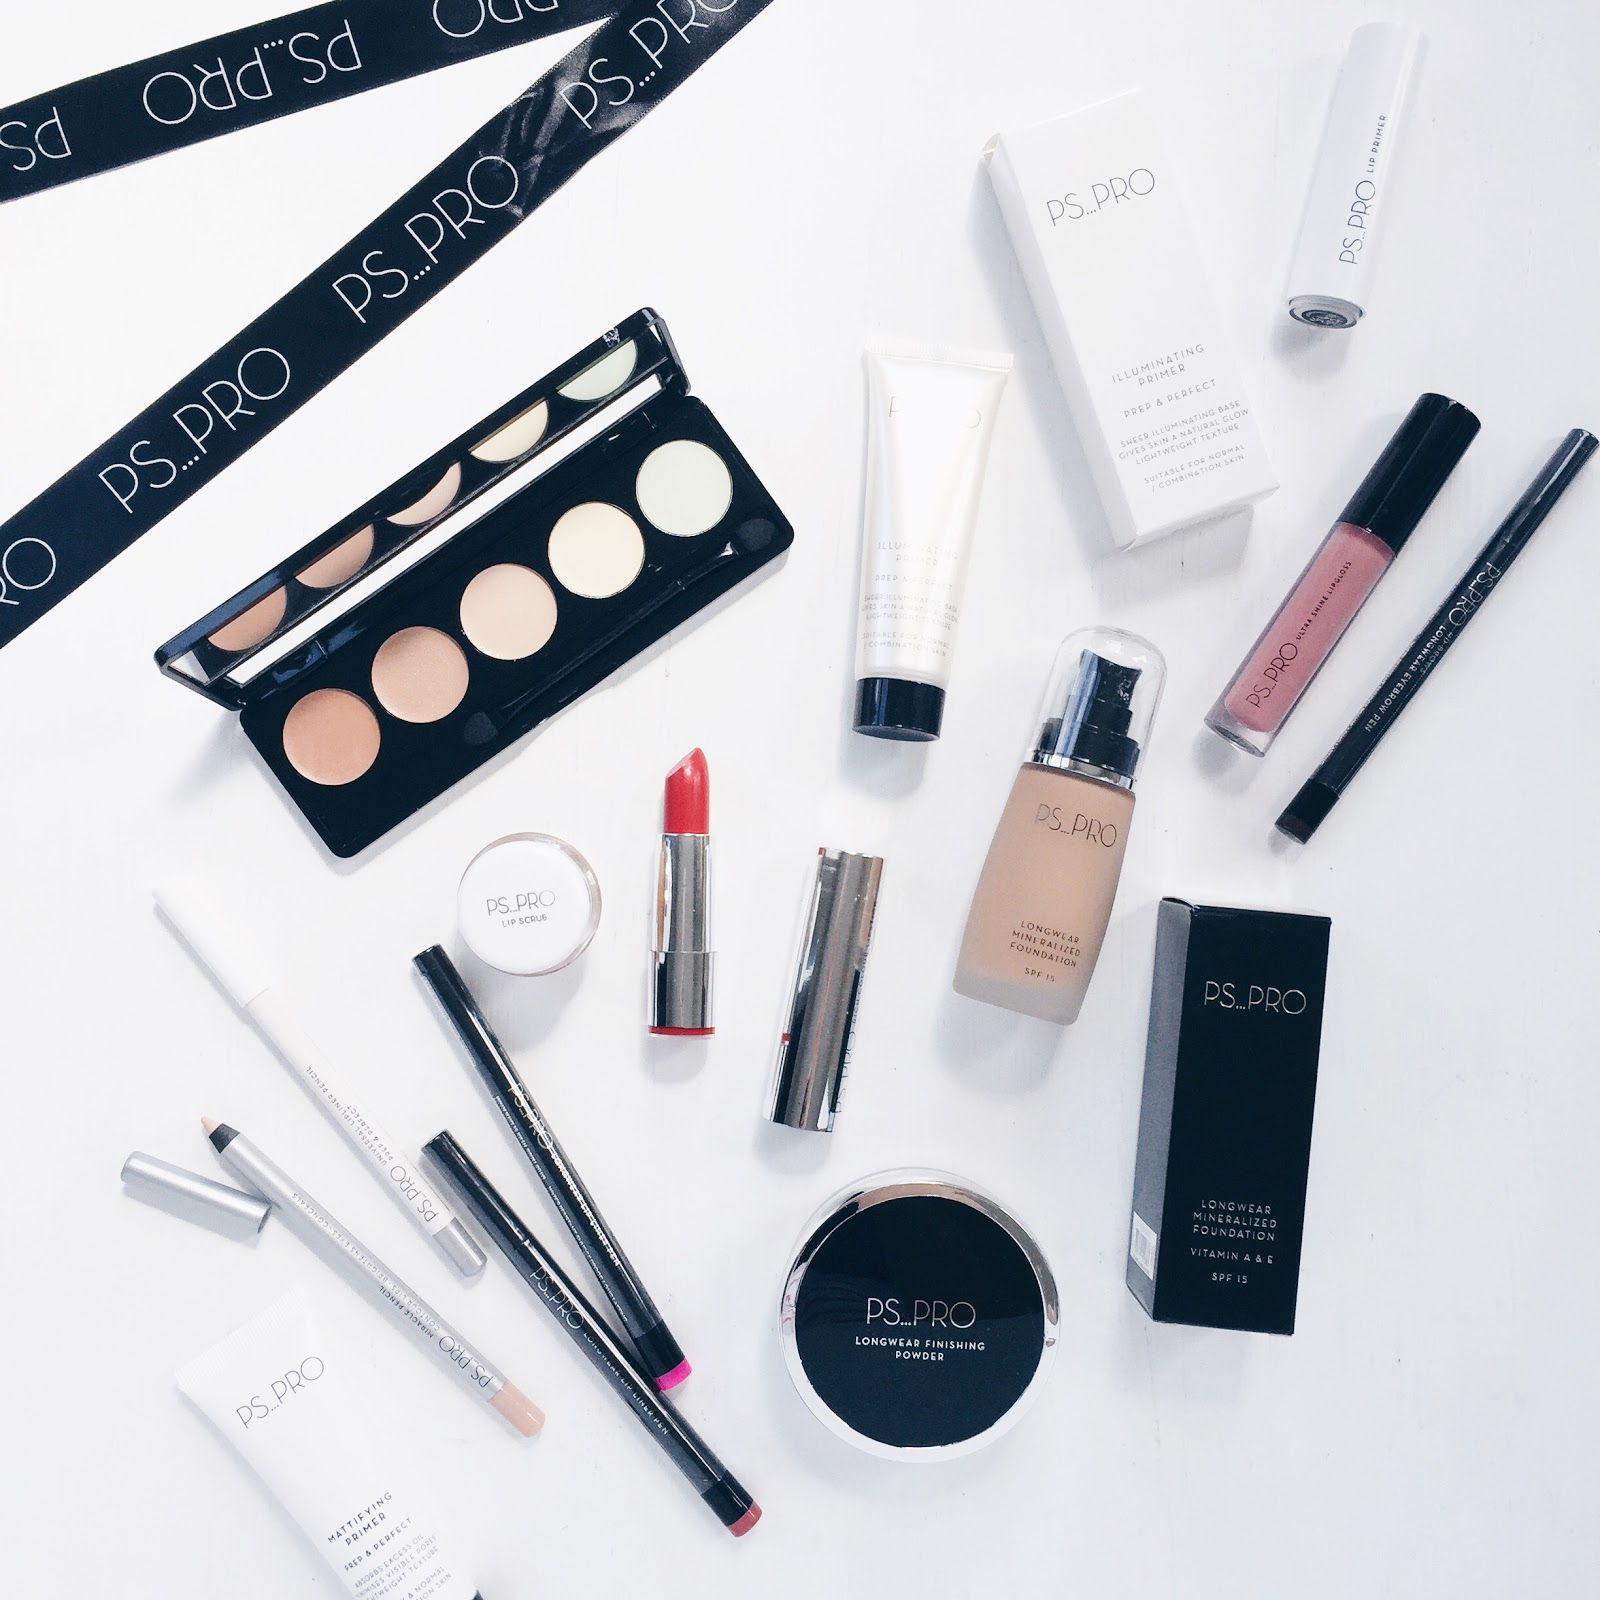 primark ps pro makeup